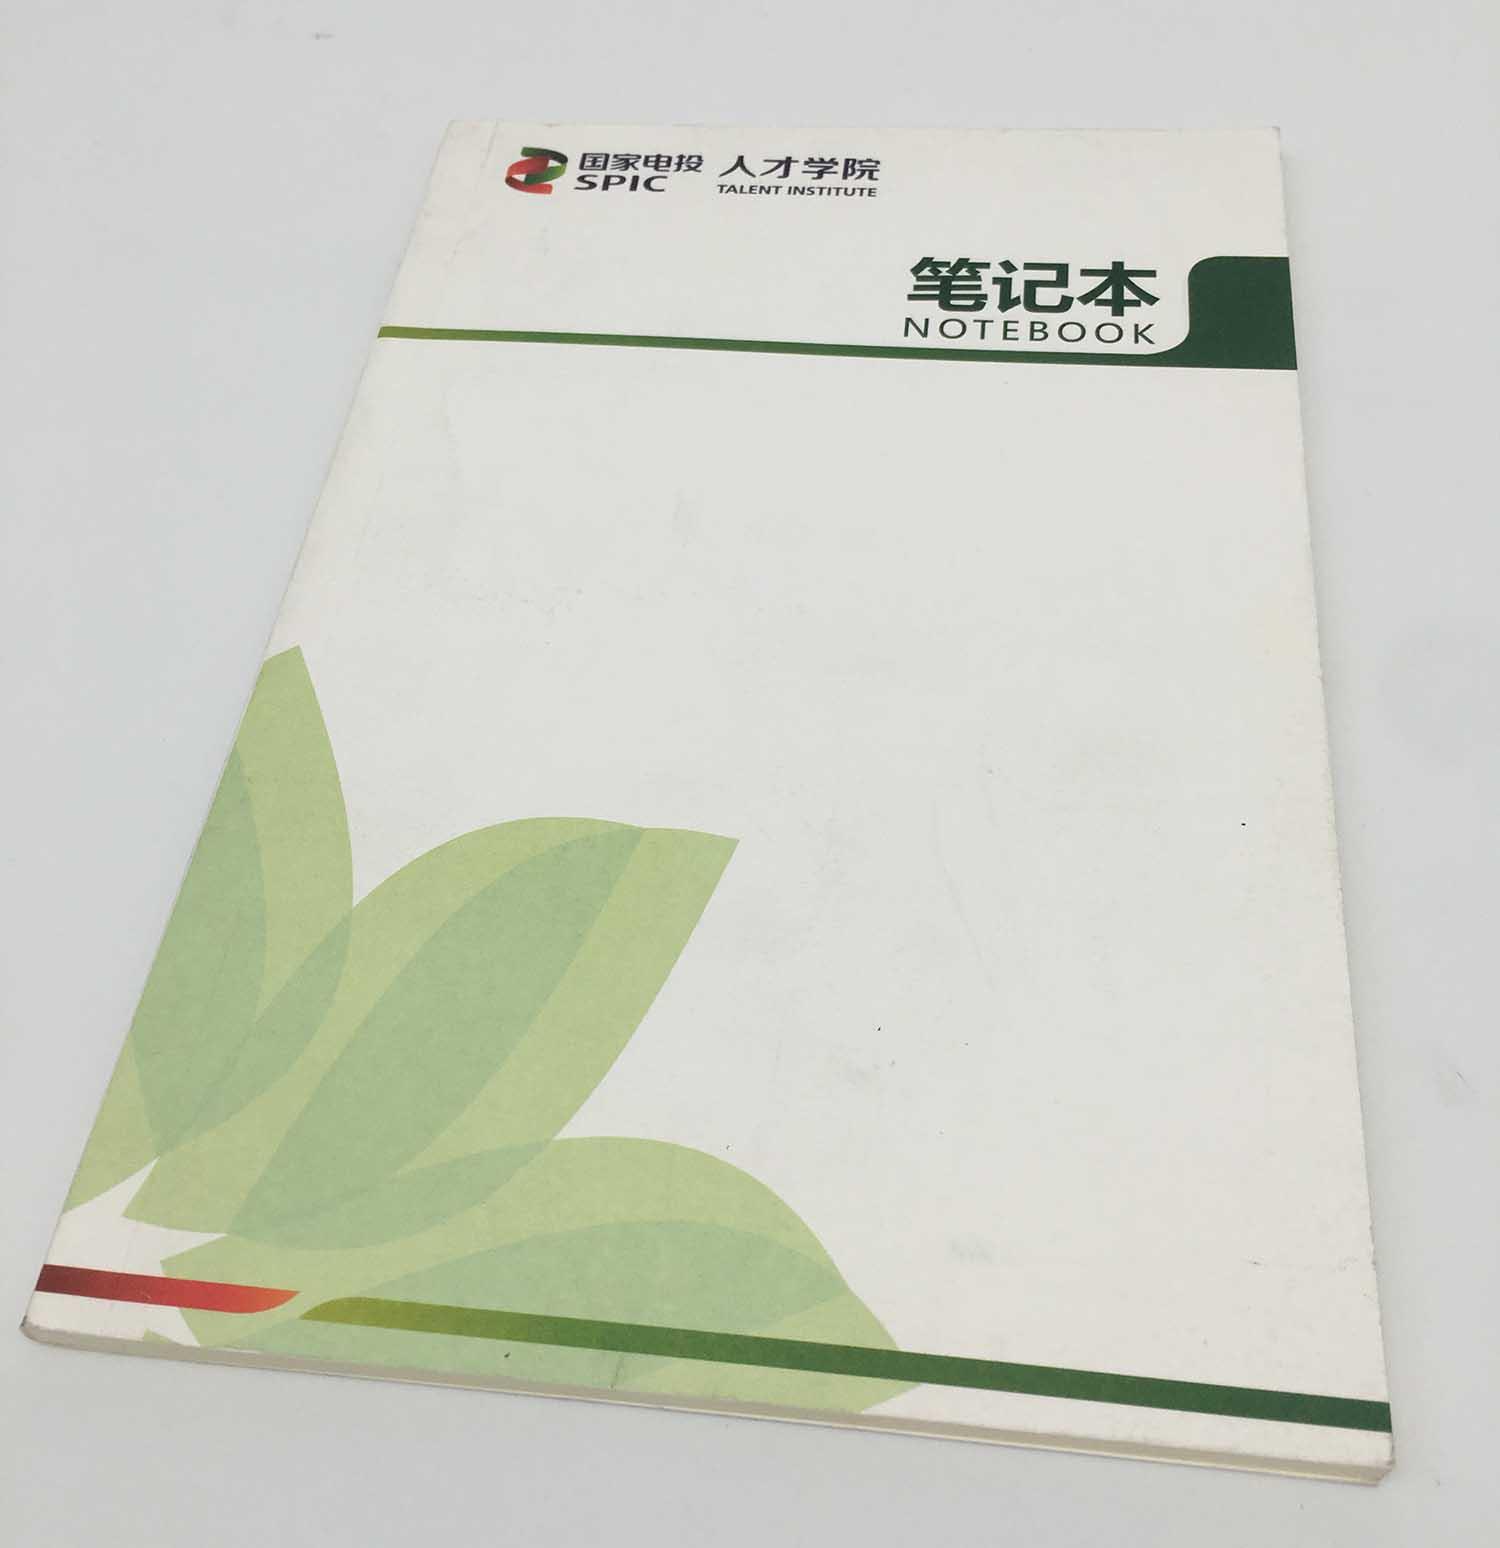 仙居笔记本内页印刷